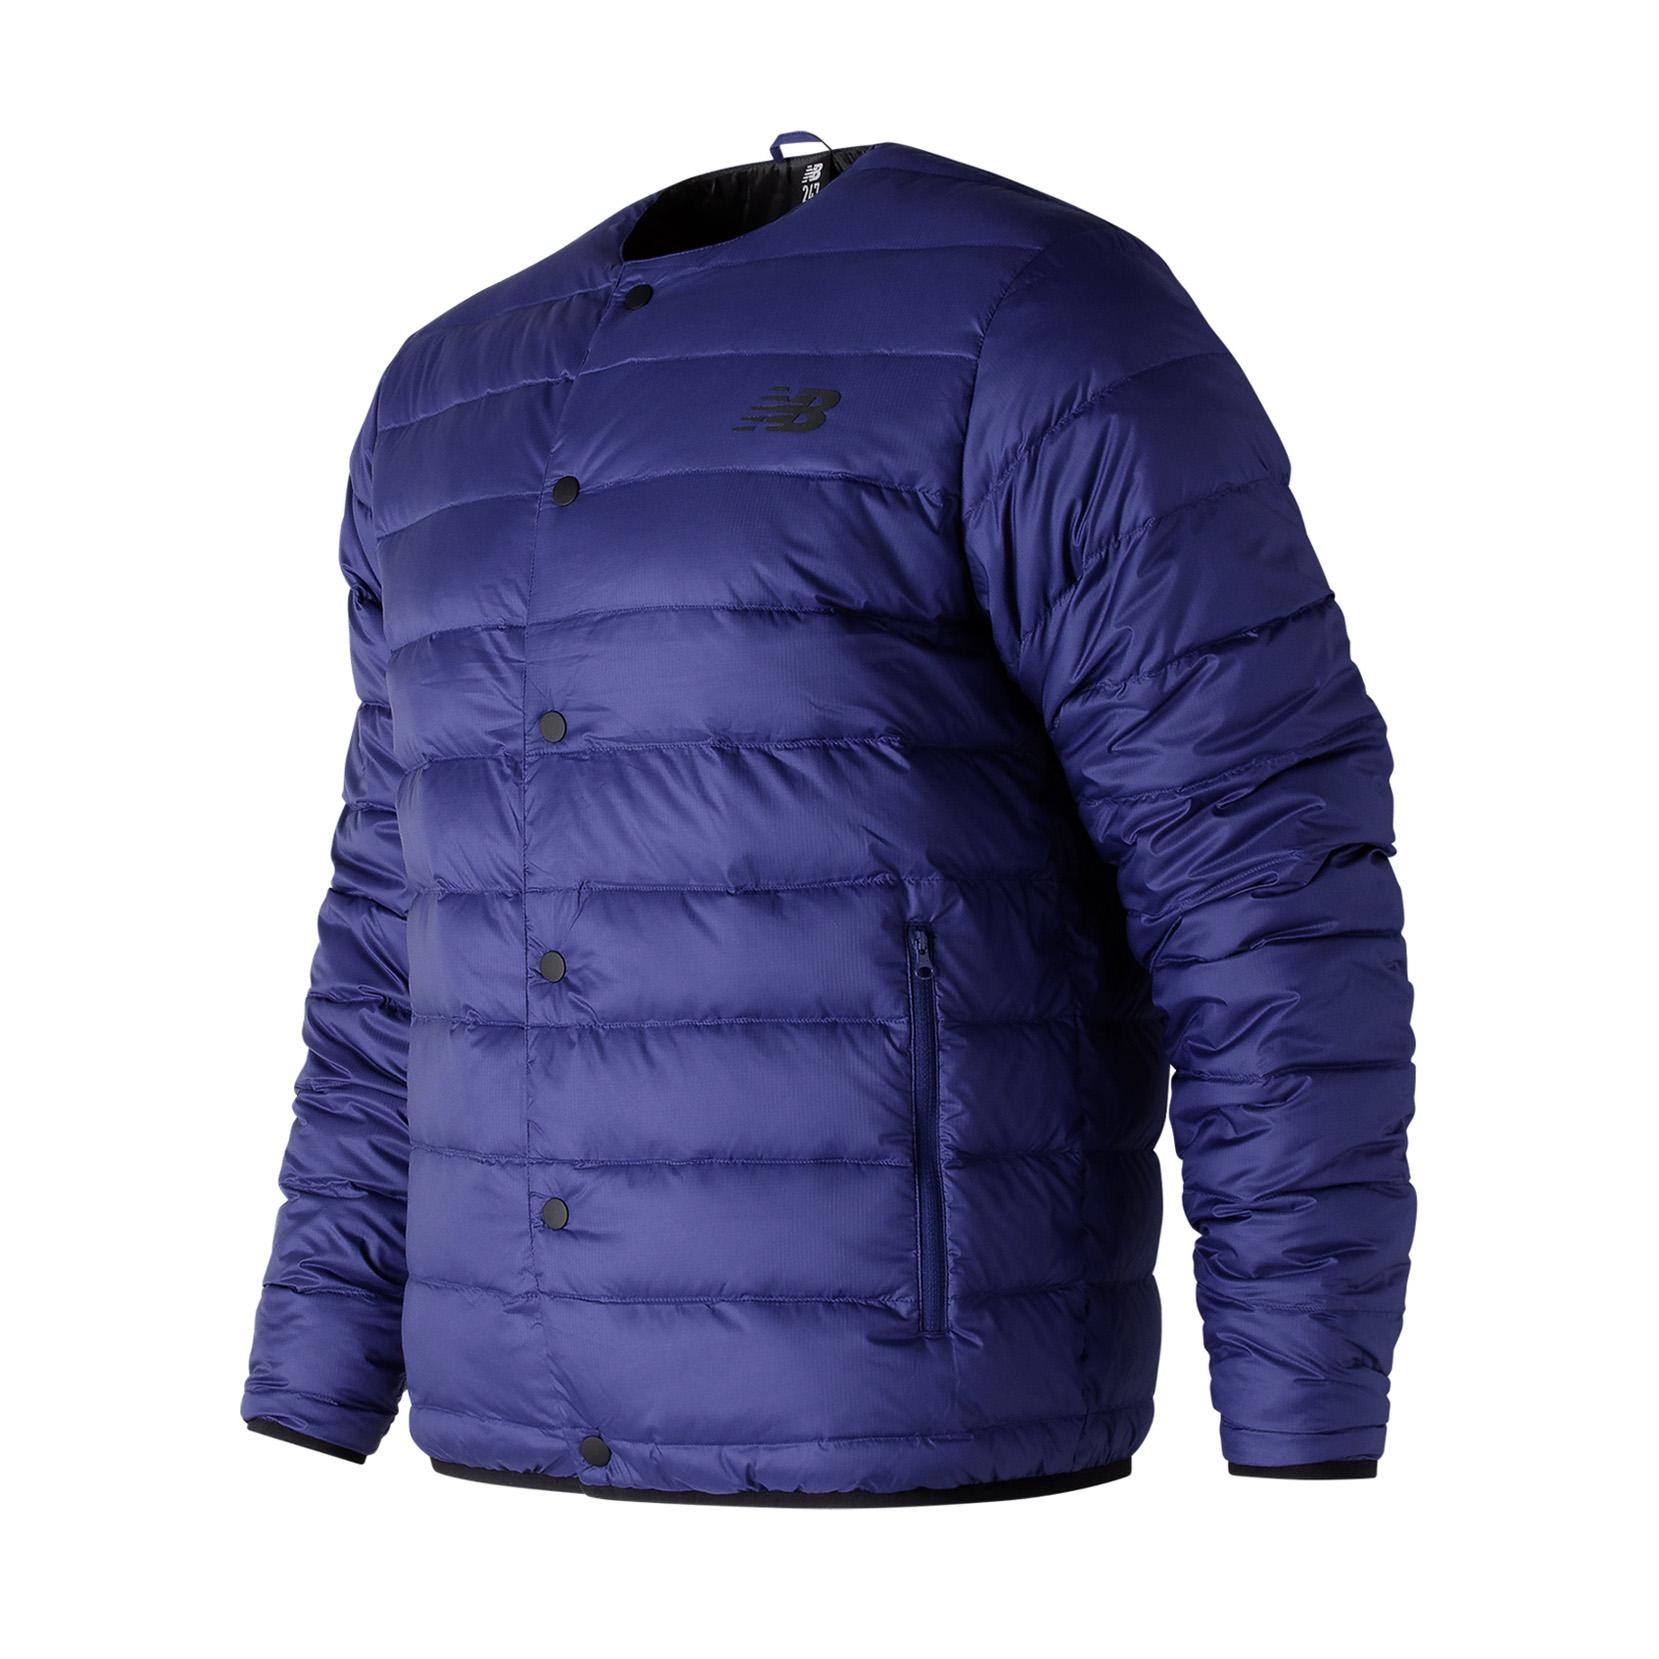 Куртка 247 Luxe Snap  для чоловіків MJ73549TMP | New Balance